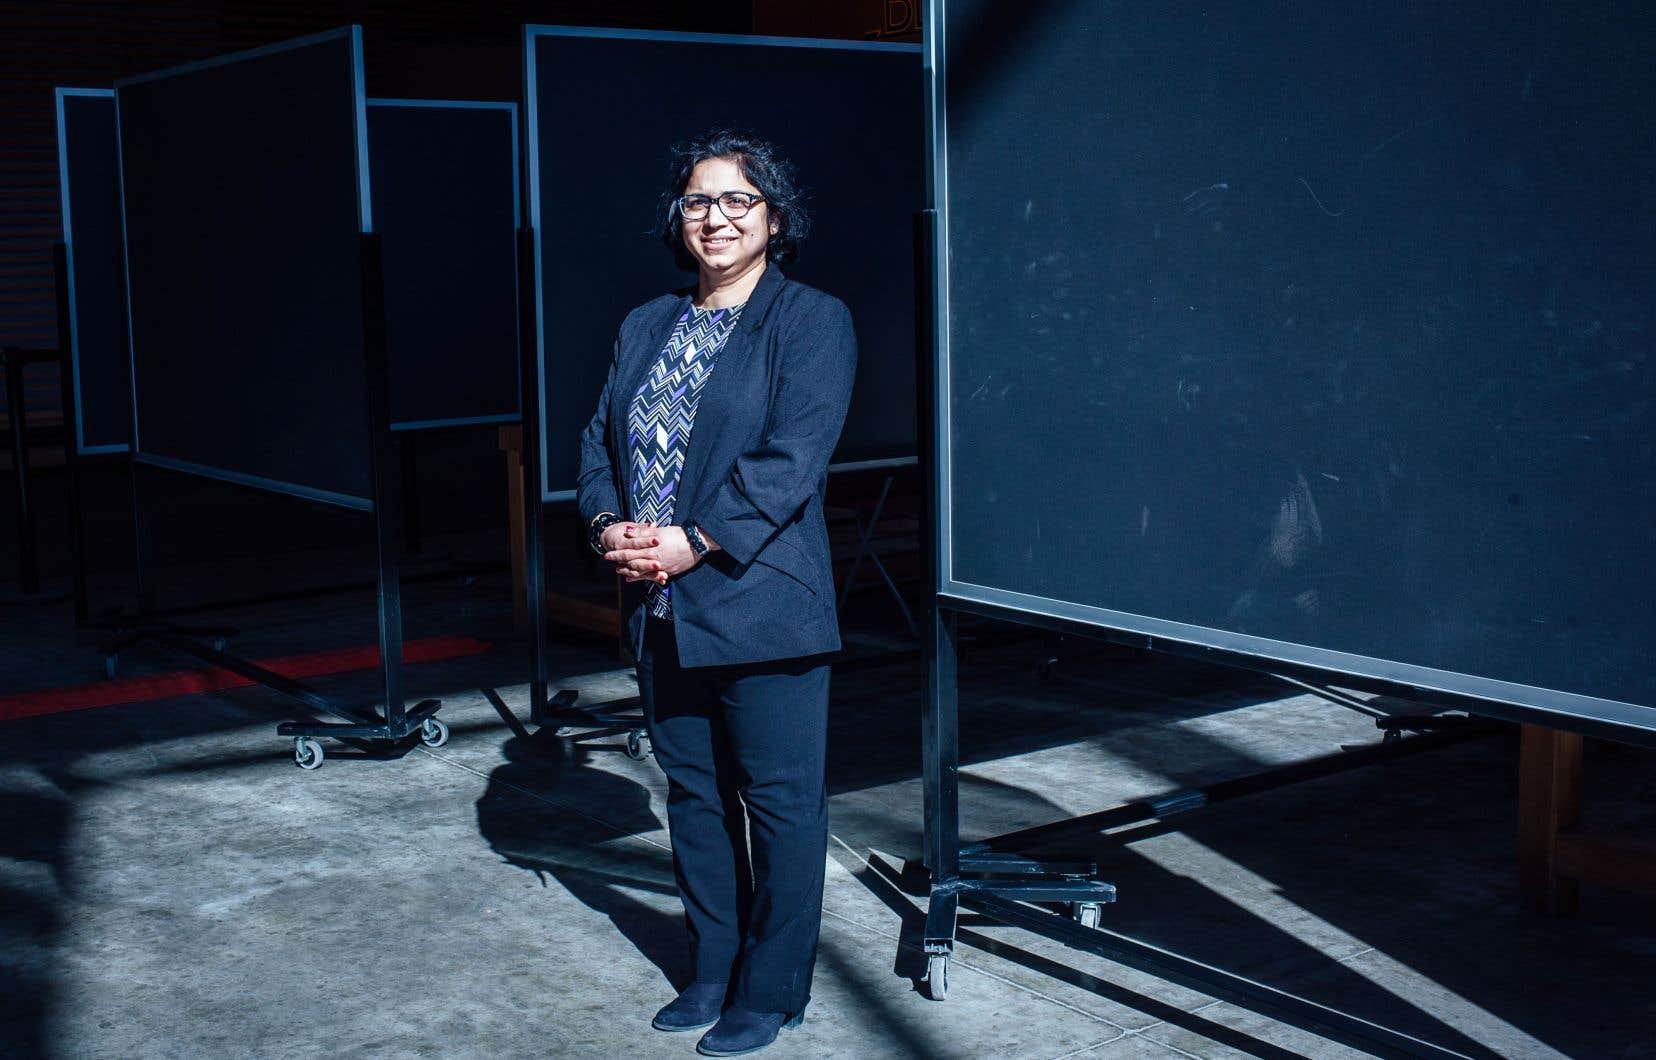 «On a beaucoup de travail à faire, parce que le réseau de transport en commun est arrivé à saturation», souligne Anjali Awasthi.